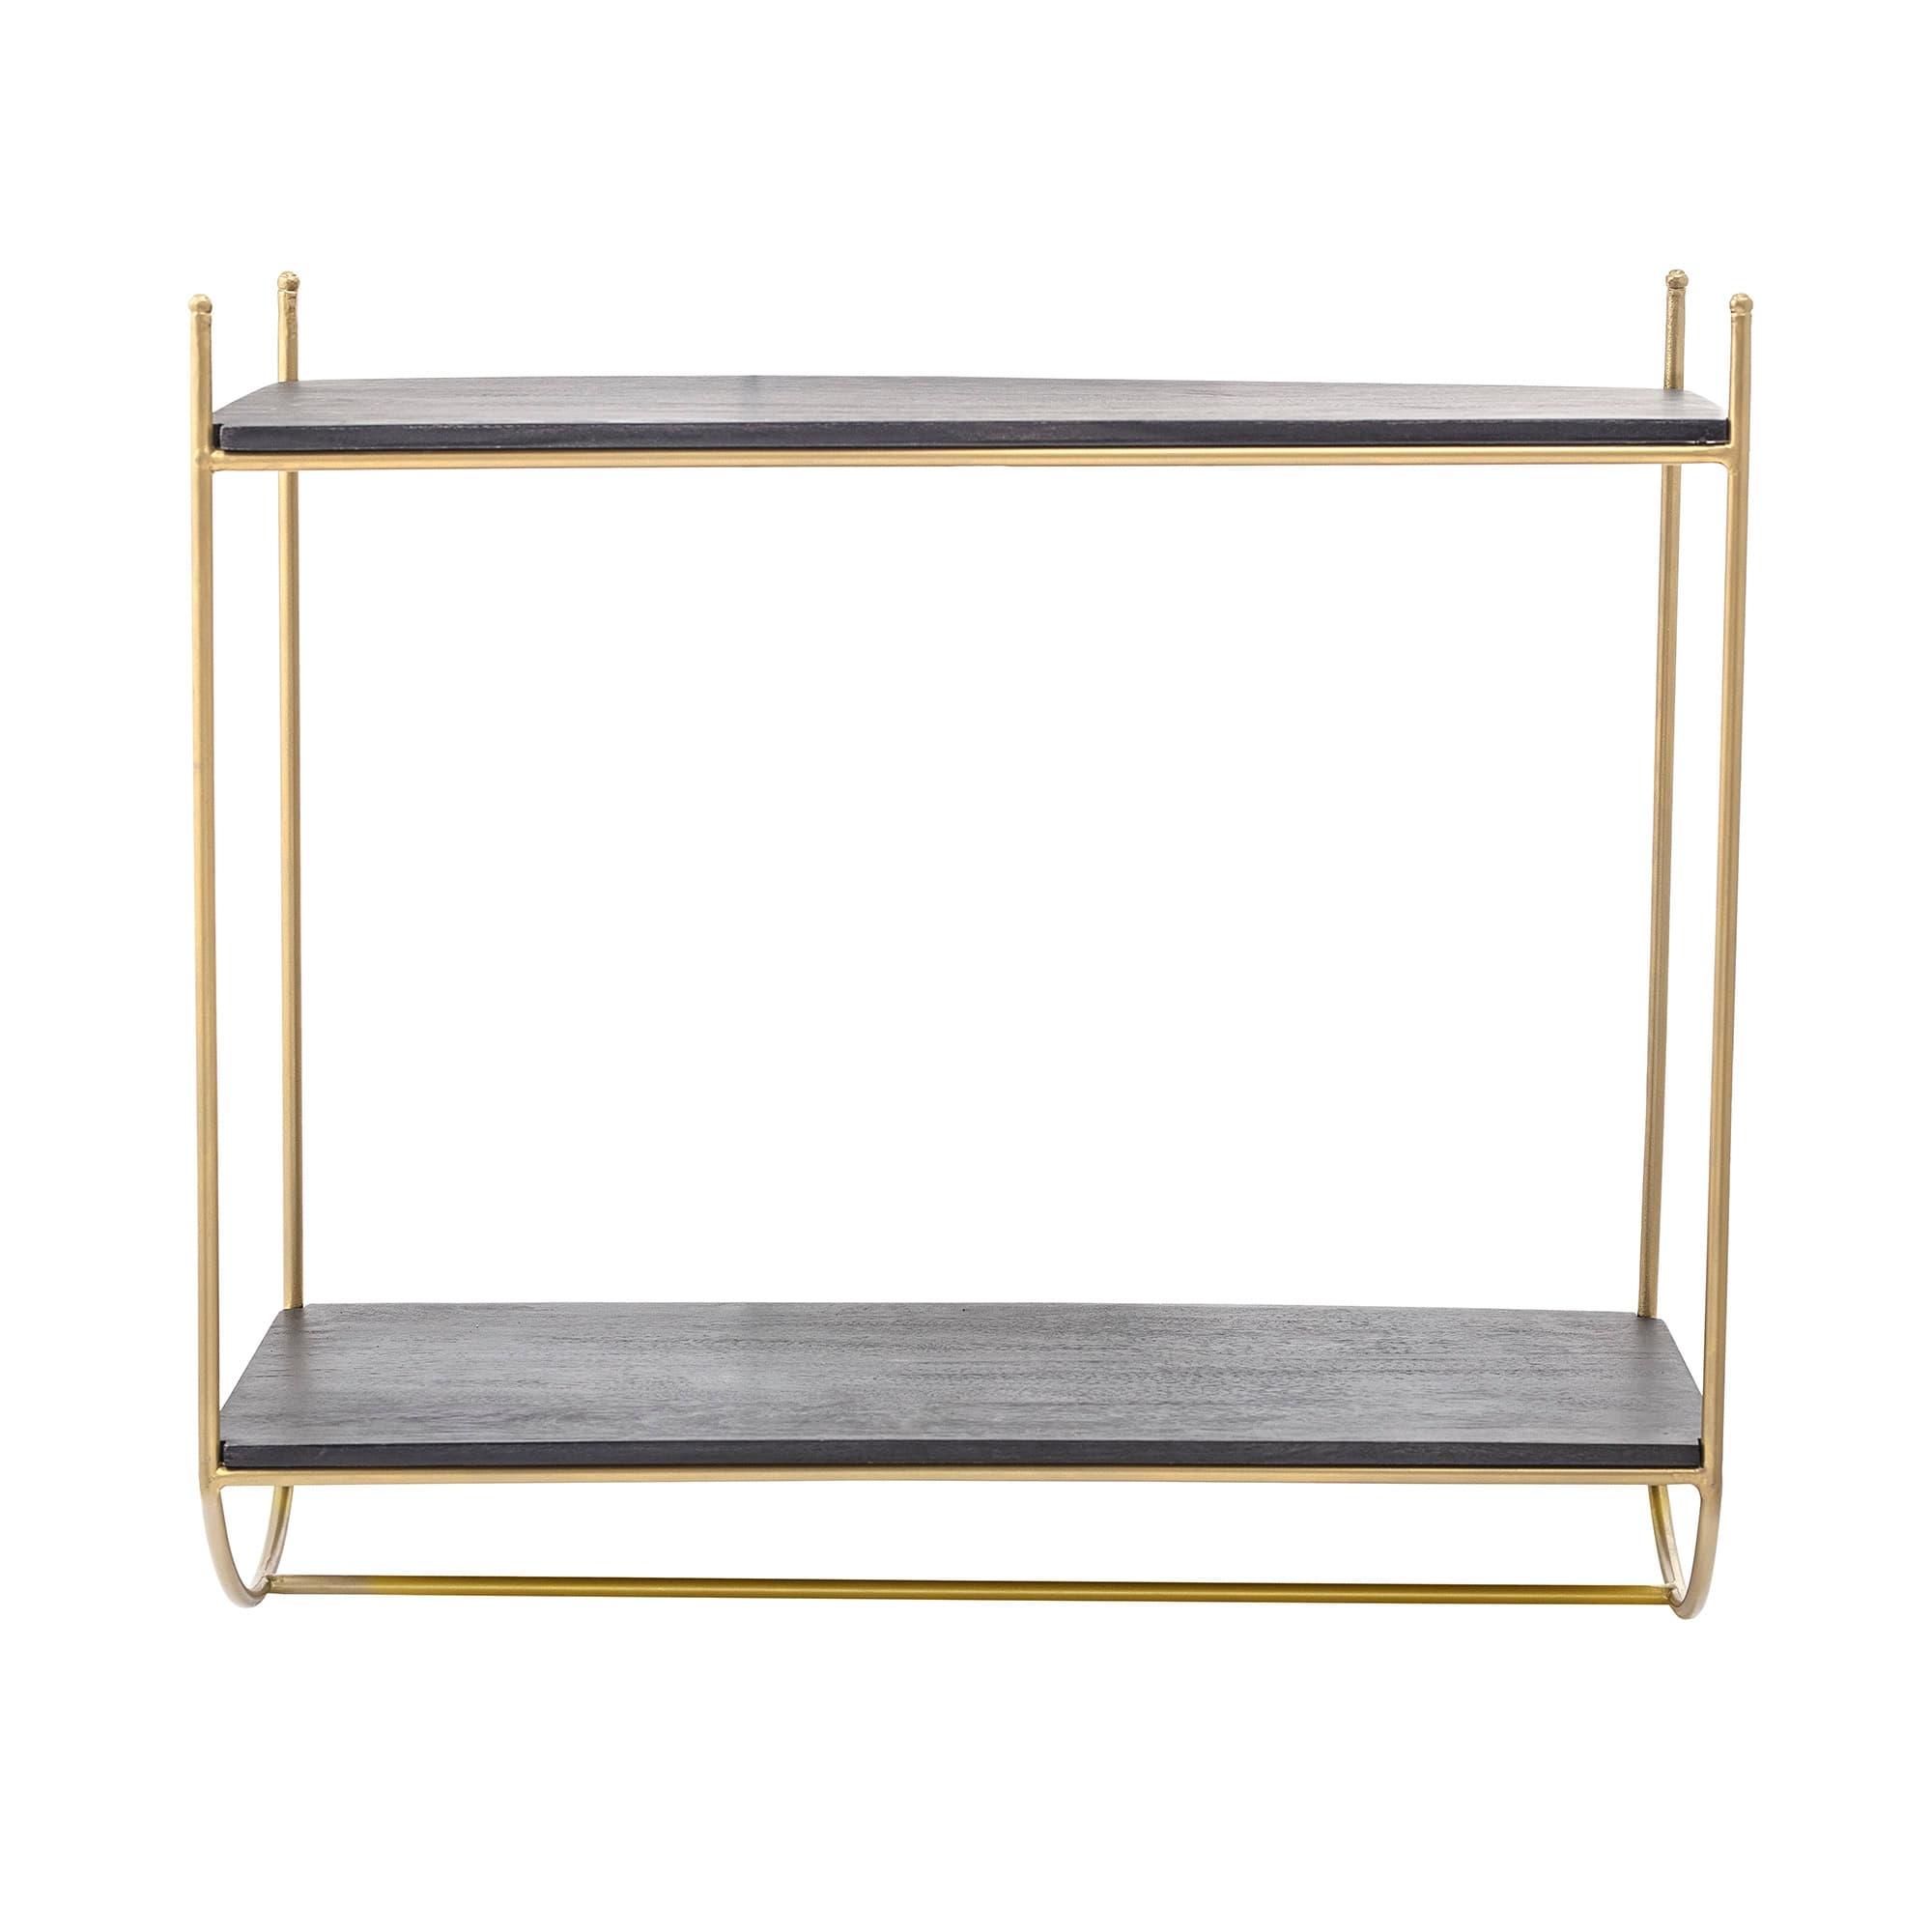 Raft din metal si lemn, Carly Negru / Auriu, l66xA30xH61 cm somproduct.ro